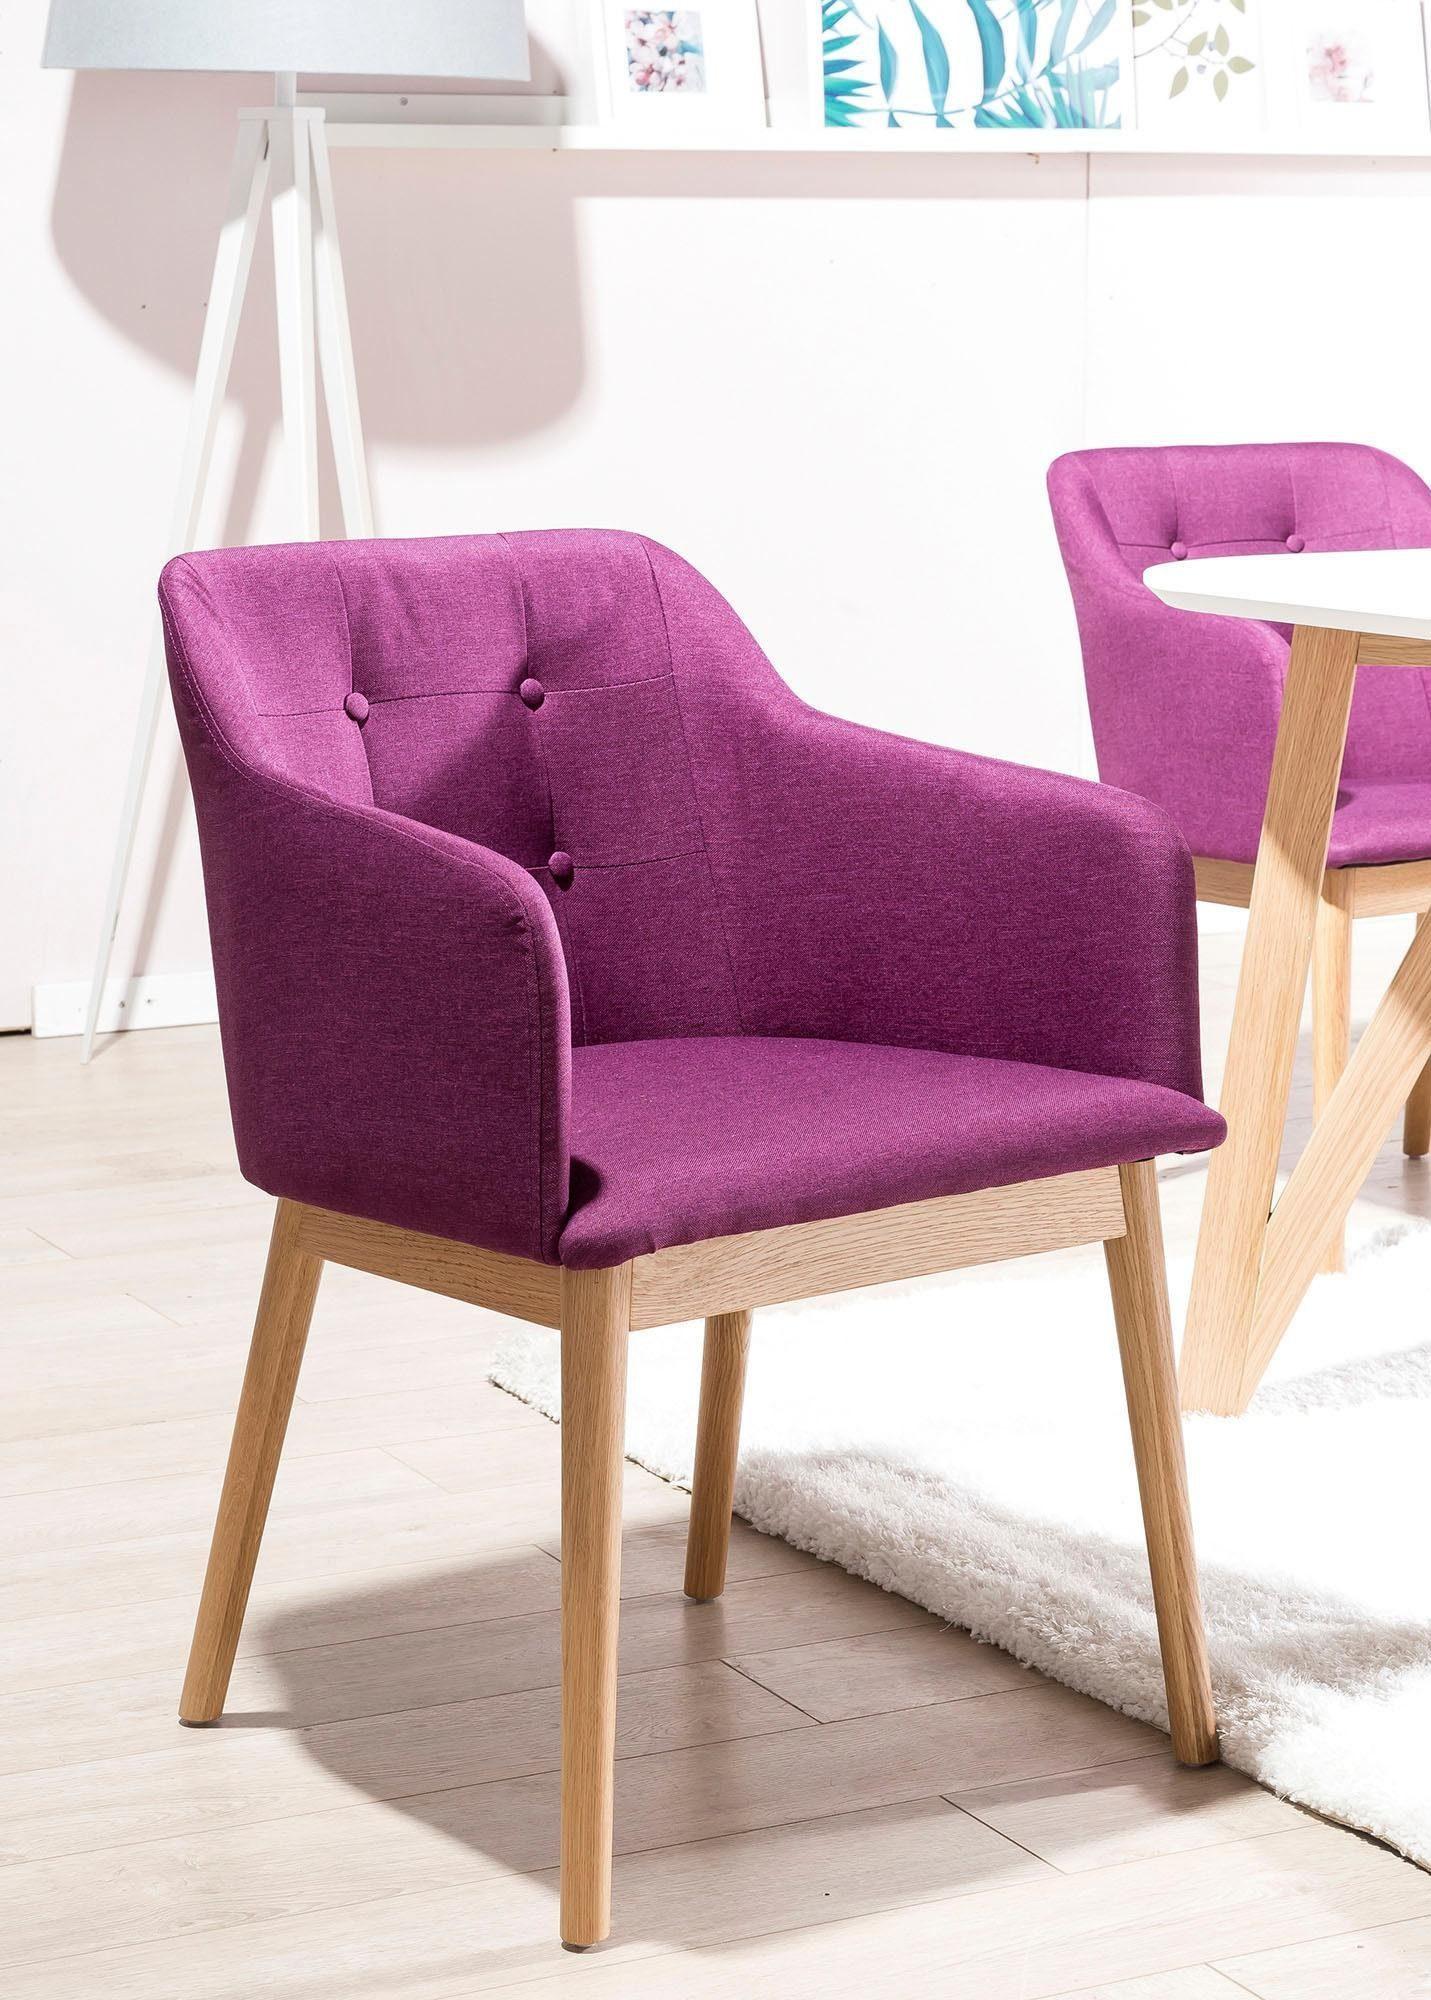 SalesFever Esszimmerstuhl mit Knopfheftung kaufen   OTTO